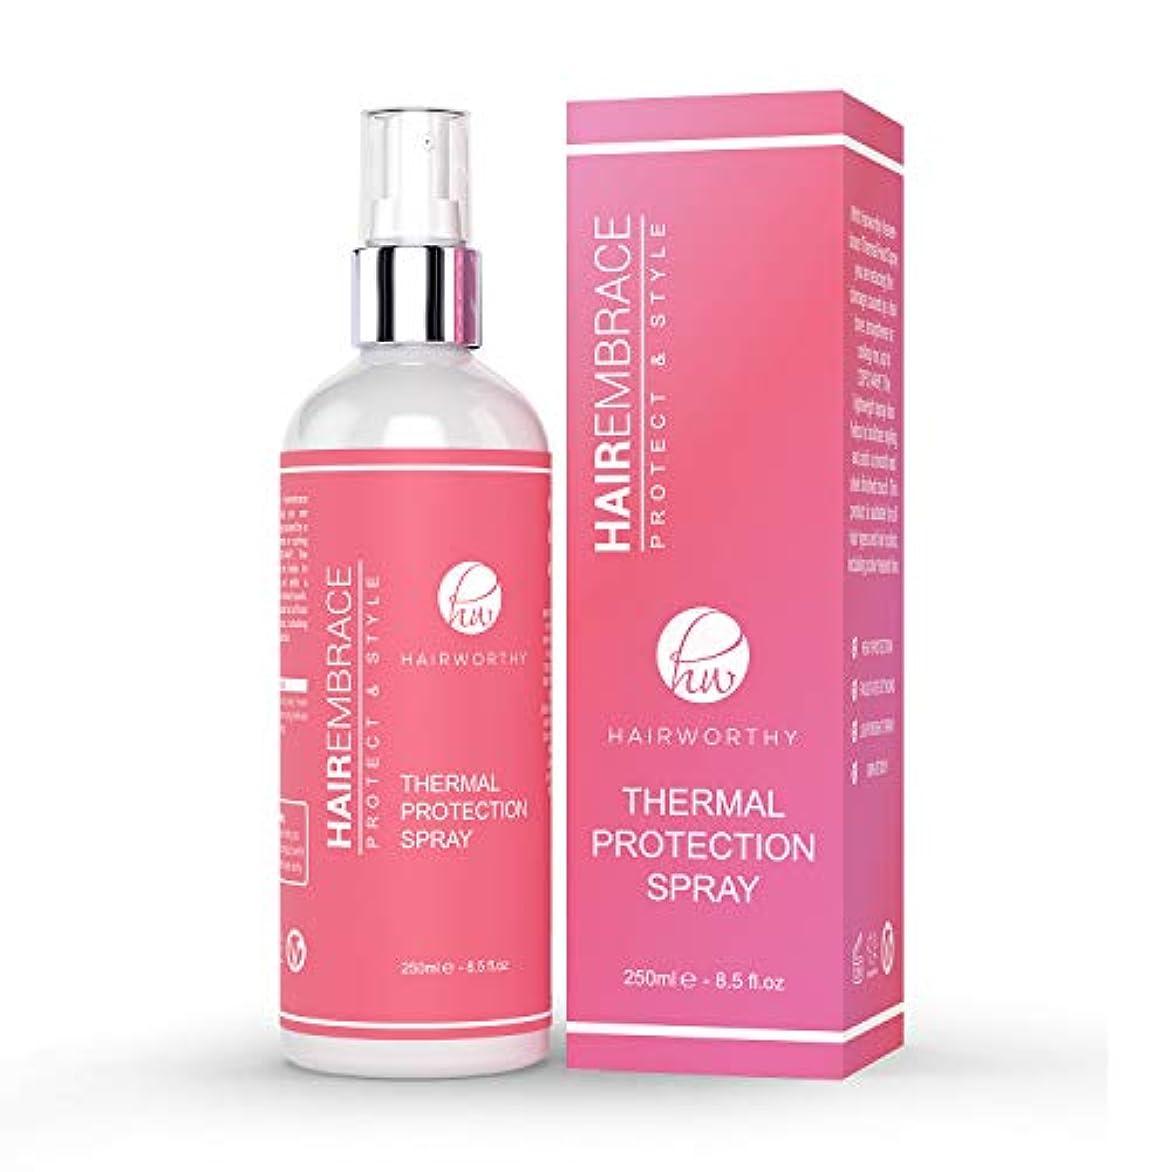 ロッカー不正確毎月Hairworthy Hairembrace Heat Protection Spray 熱のスタイリングのための熱保護スプレー。あなたの髪、アンチ縮れ、プロテクト & スタイルに輝きを復元します。